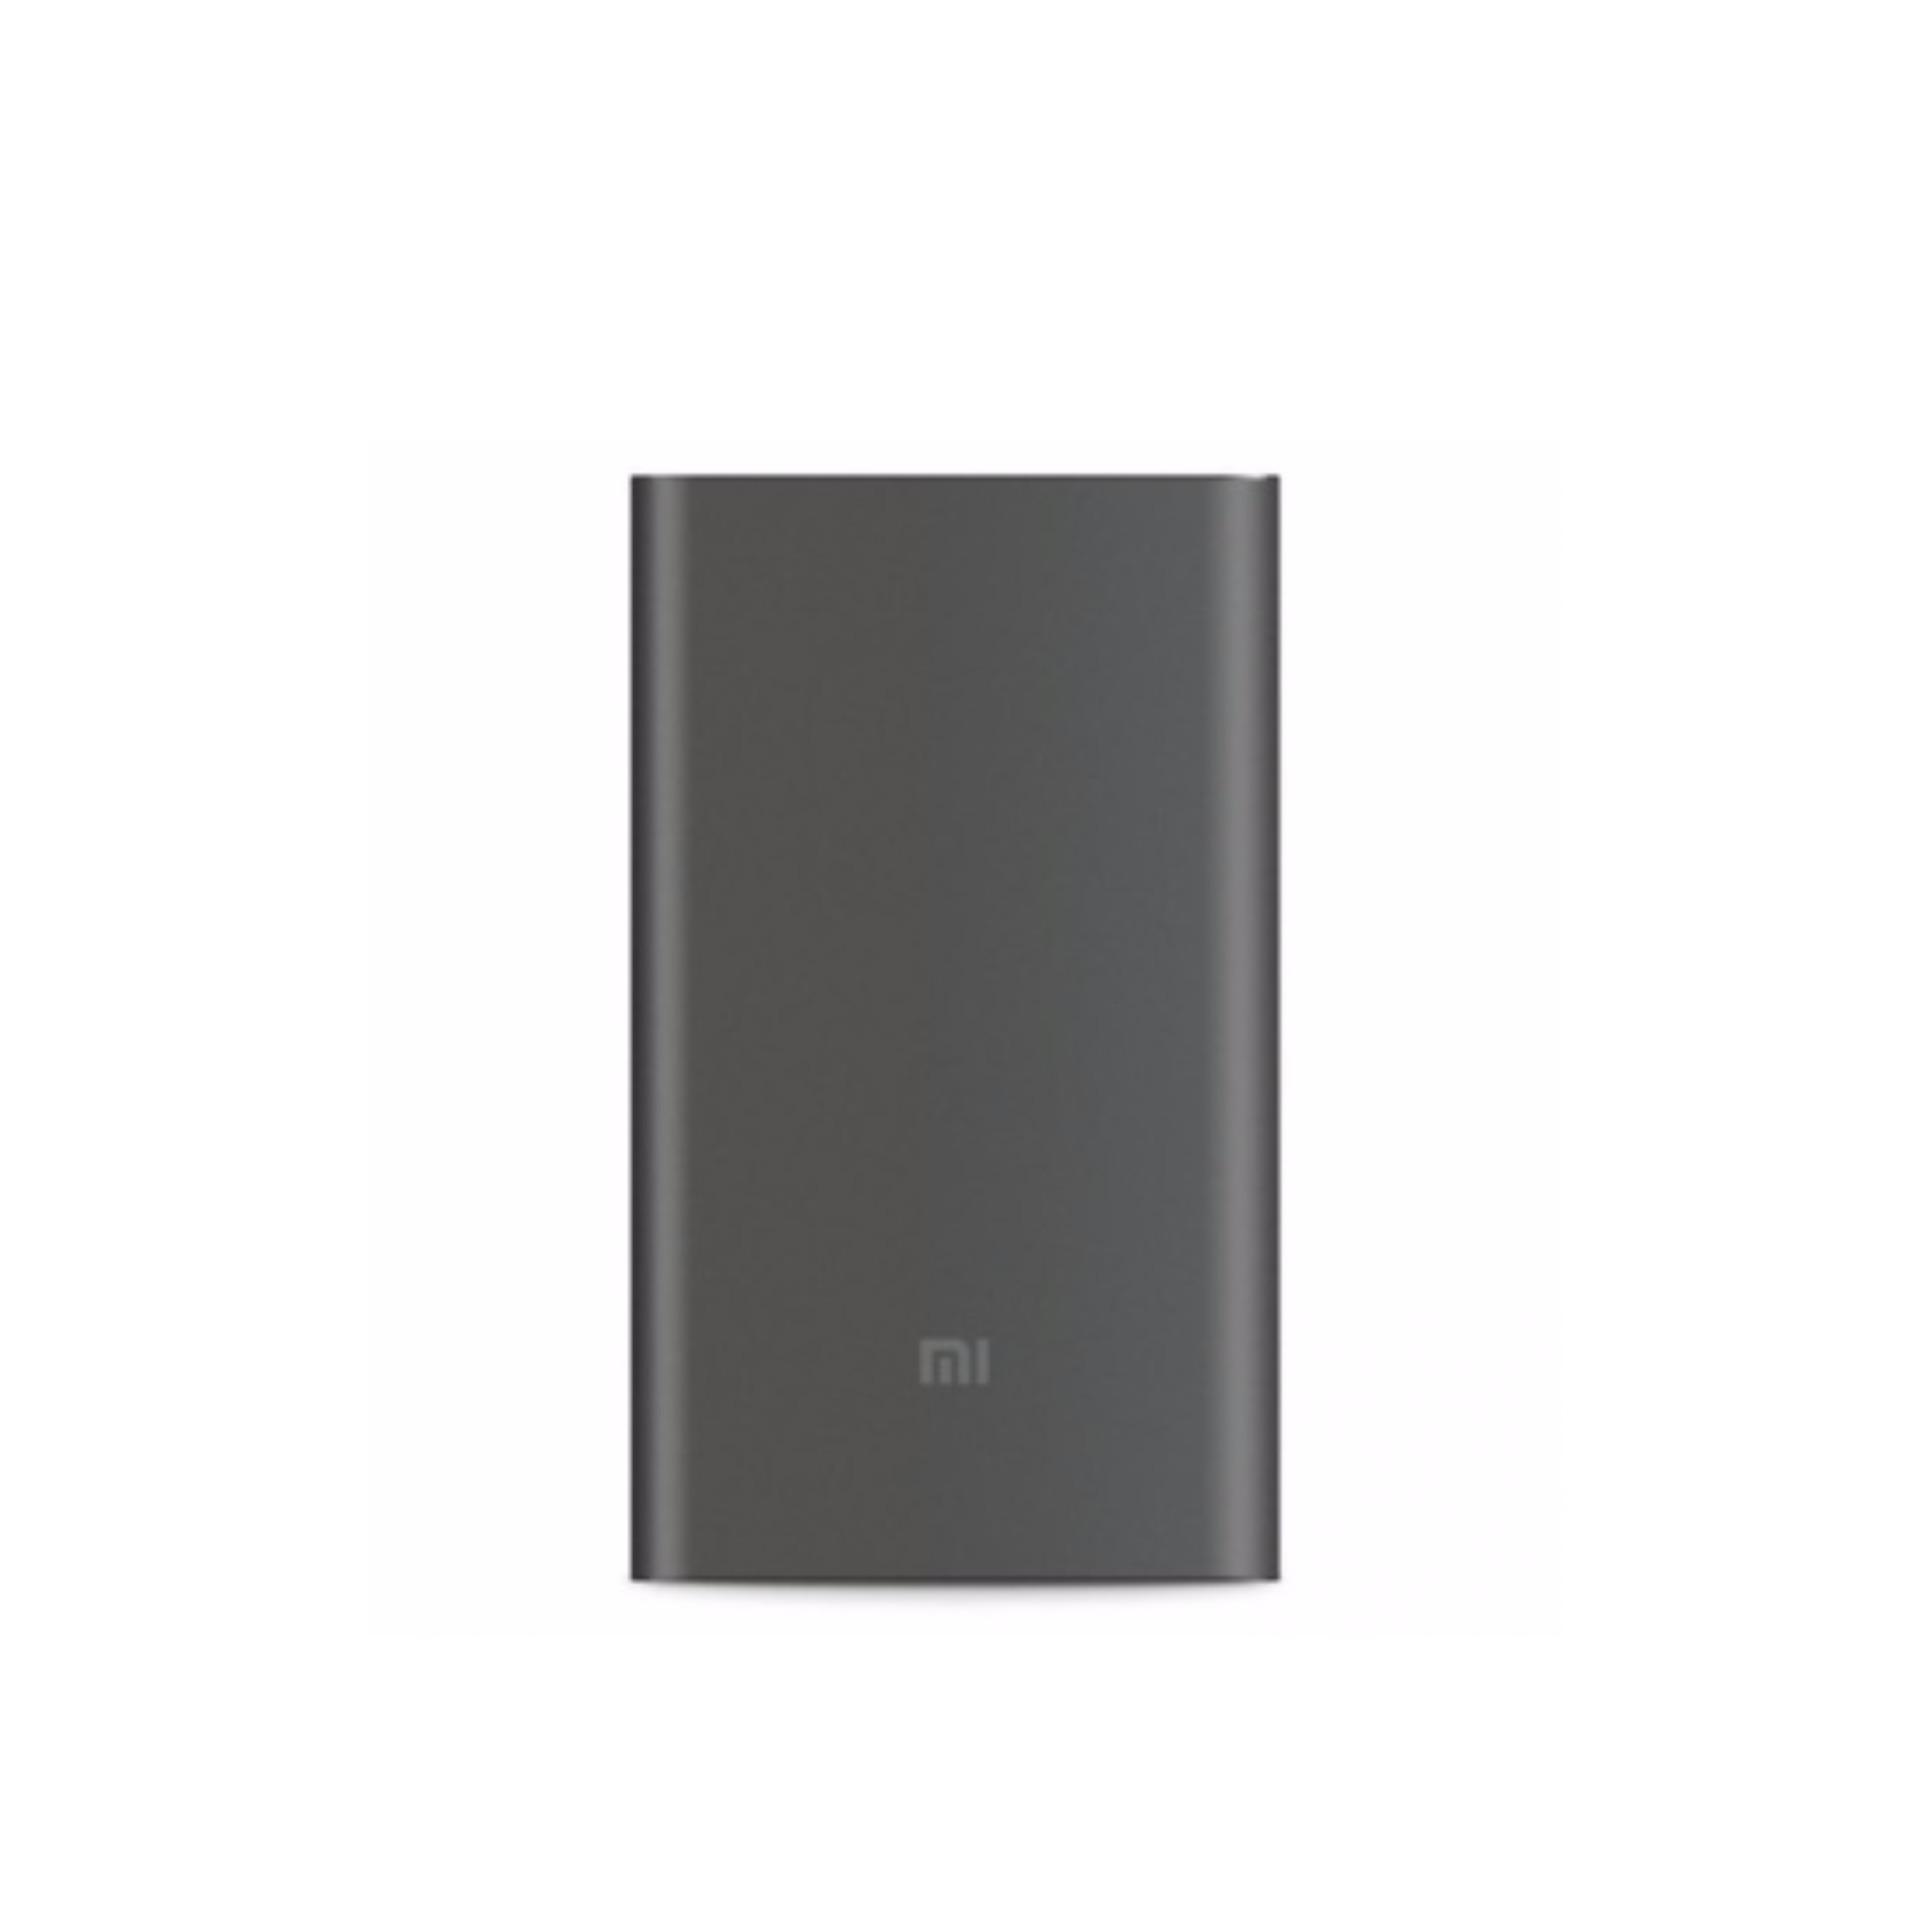 Xiaomi Pro Version 10000mAh Power Bank